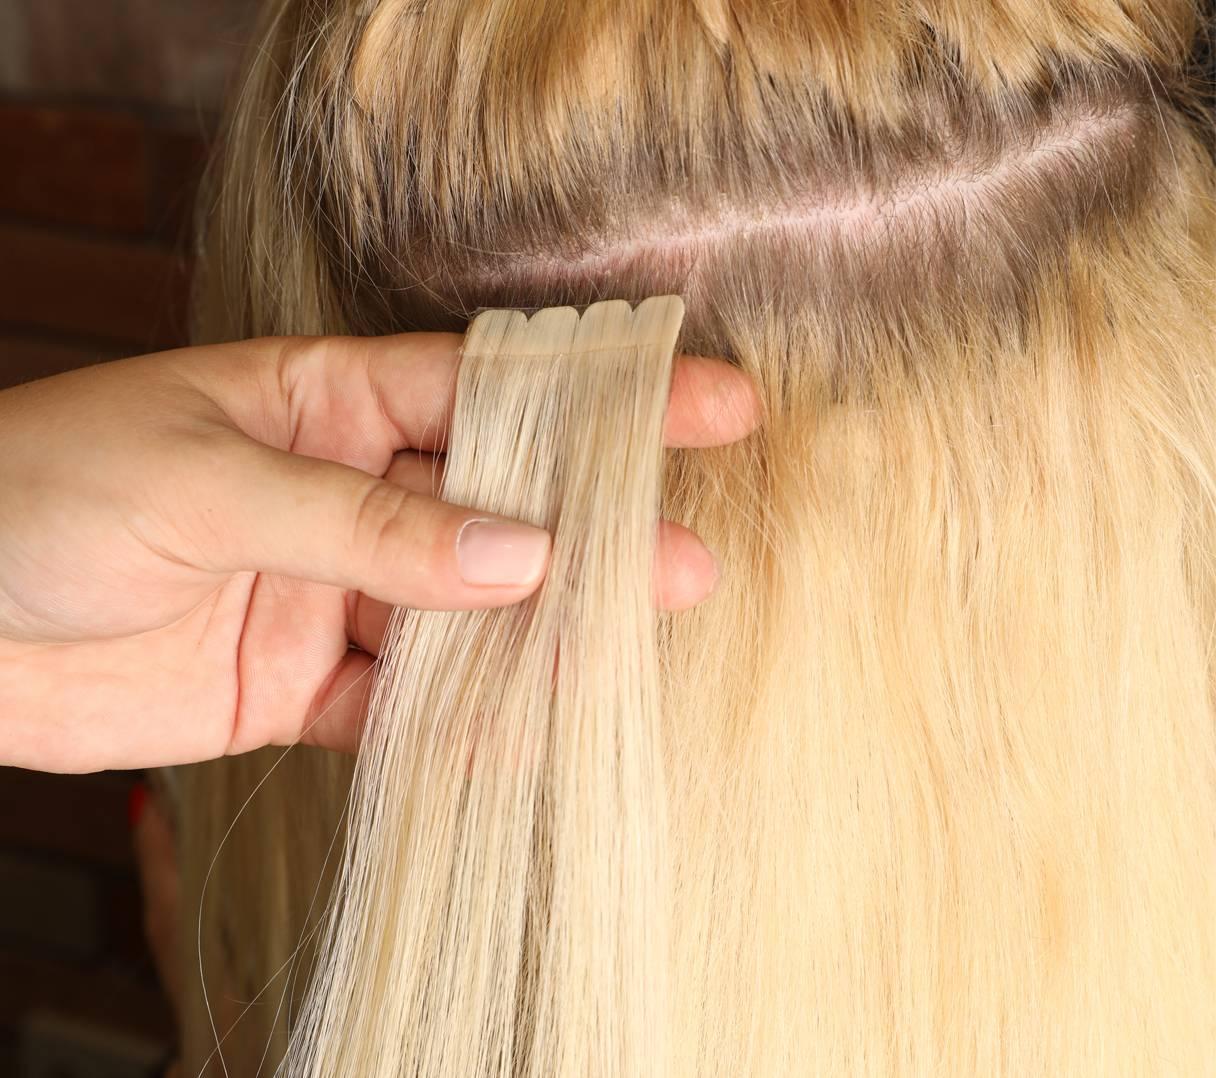 Подробно разбираем все способы холодного капсульного наращивания волос. мы поможем вам выбрать самый оптимальный способ холодного наращивания. какая технология лучше всего подойдет для ваших волос.